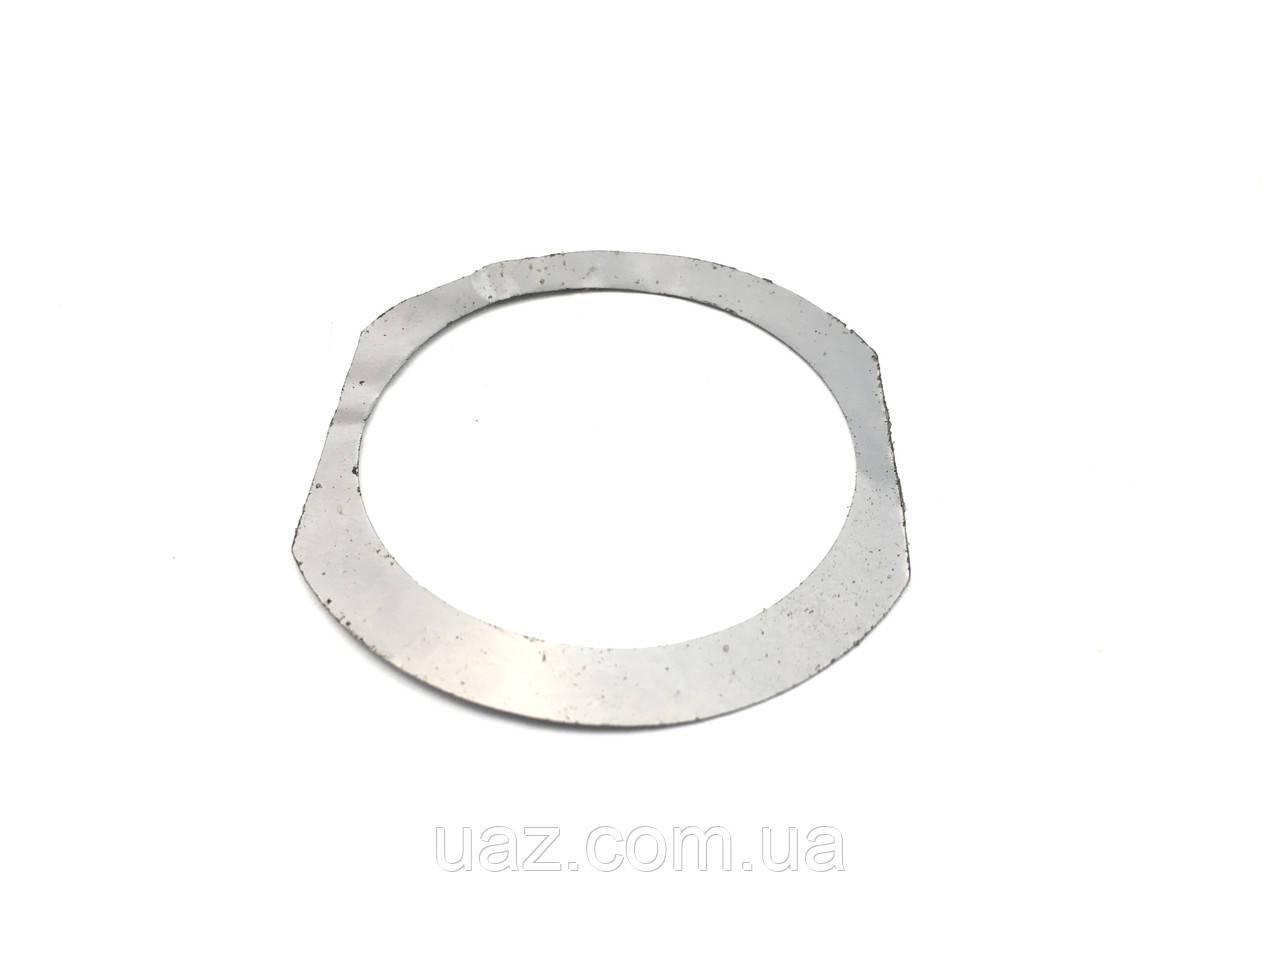 Шайба регулировочная дифференциала УАЗ (прокладка) 0,15 мм